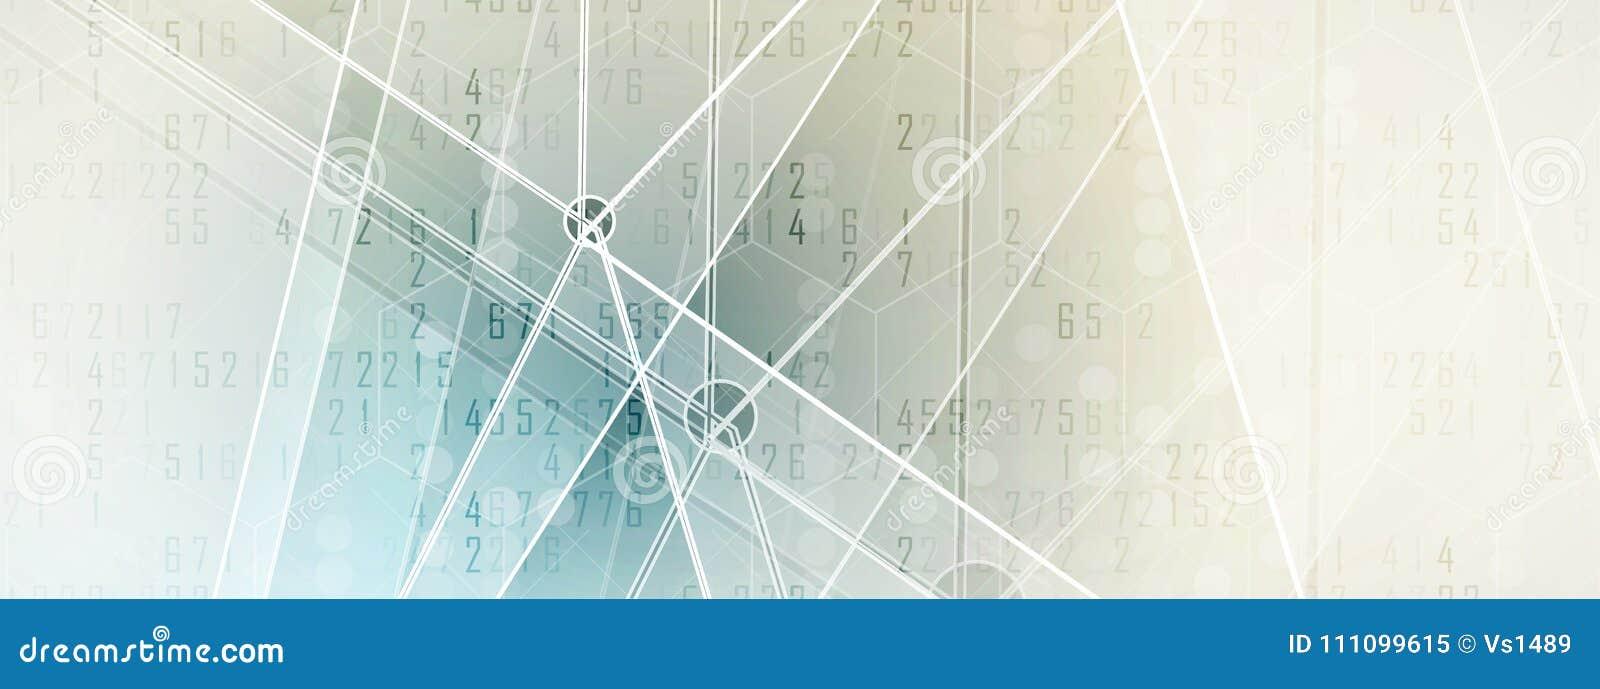 Digitaltechnikwelt Virtuelles Konzept des Geschäfts für Darstellung Es kann für Leistung der Planungsarbeit notwendig sein